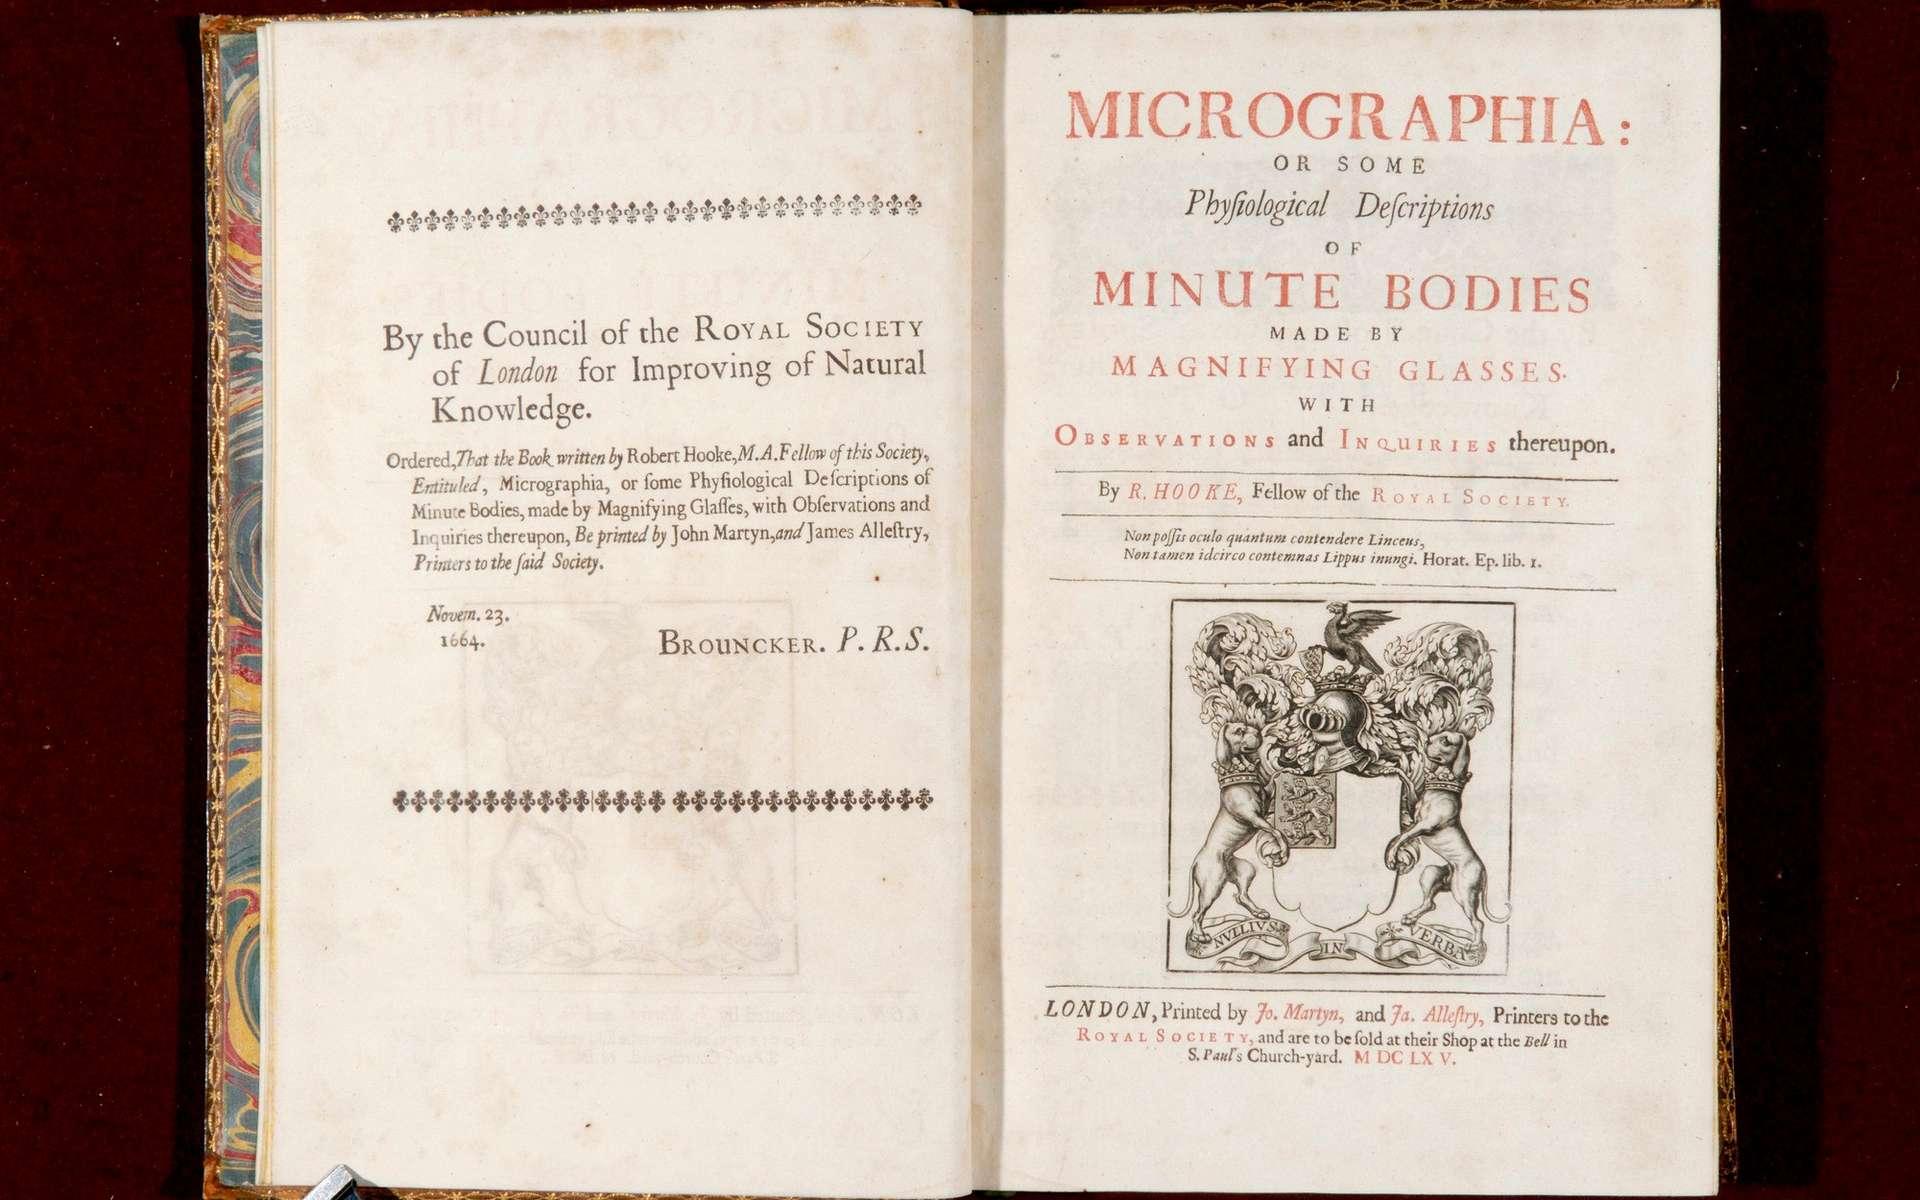 Micrographia, l'un des plus beaux livres de science jamais publiés. © Royal Collection Trust